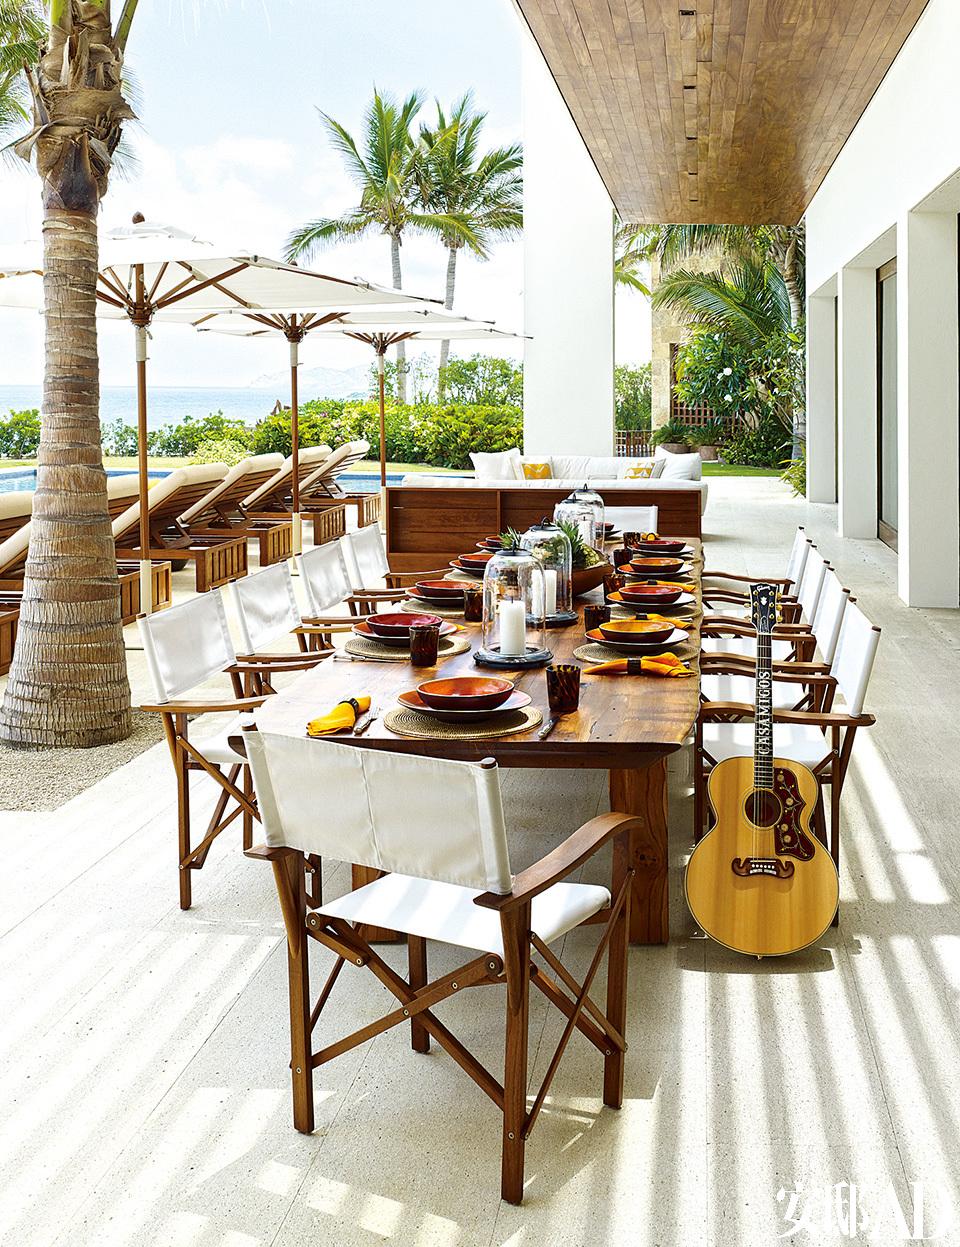 辛迪家的池边阳台常作为户外进餐的区域。定制餐桌旁放着Christian Liaigre折叠椅,Gibson吉他则是房子的常客KidRock赠送给夫妇二人的礼物。